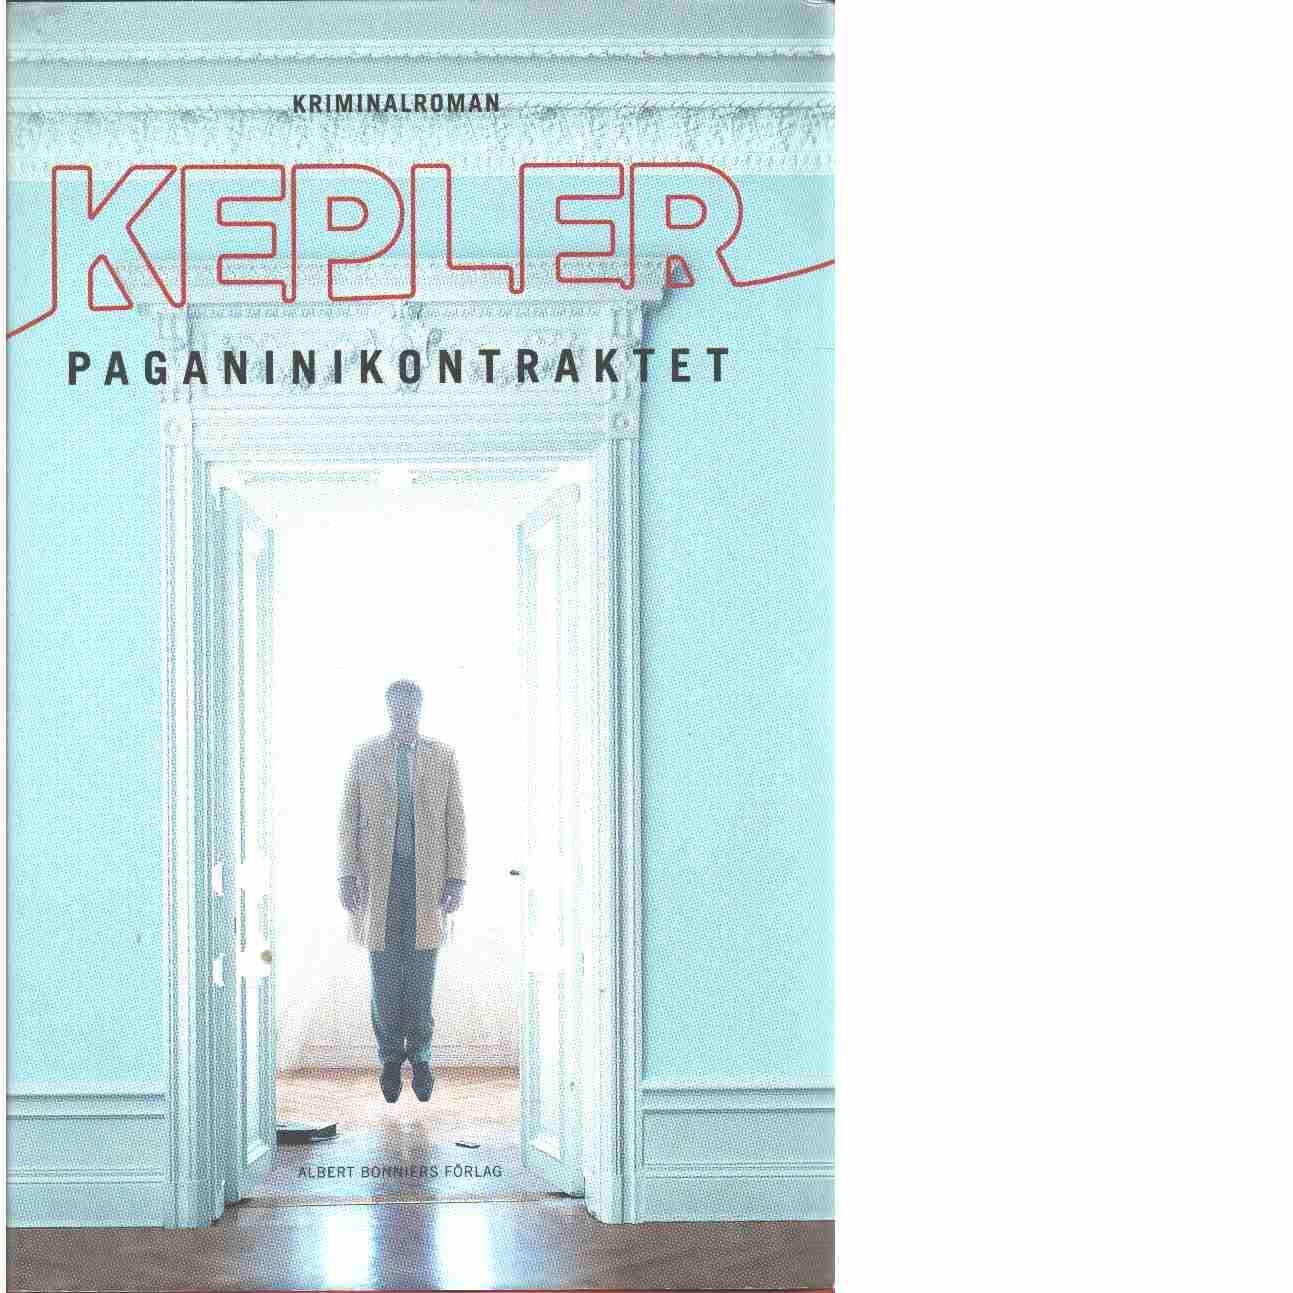 Paganinikontraktet - Kepler, Lars